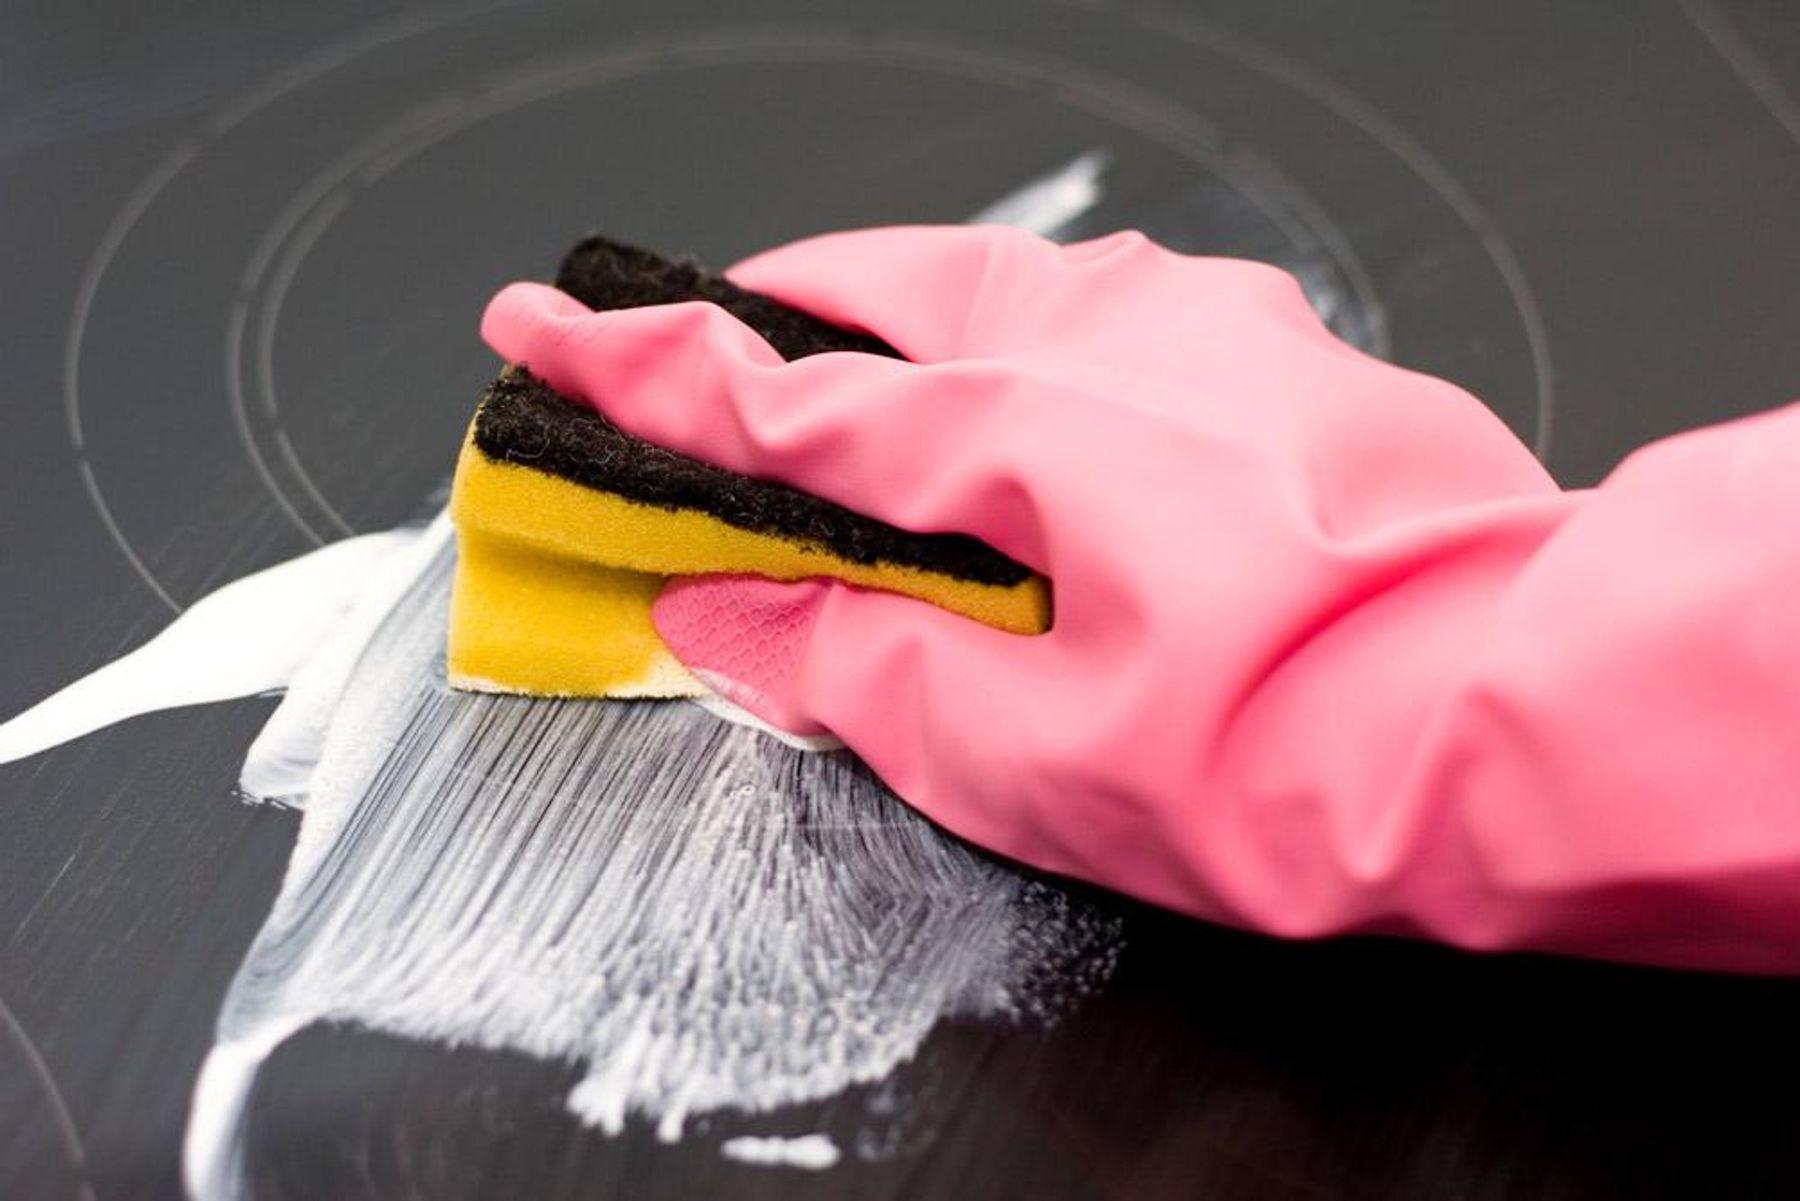 Mẹo vệ sinh mặt bếp điện từ, bếp hồng ngoại hiệu quả nhanh chóng